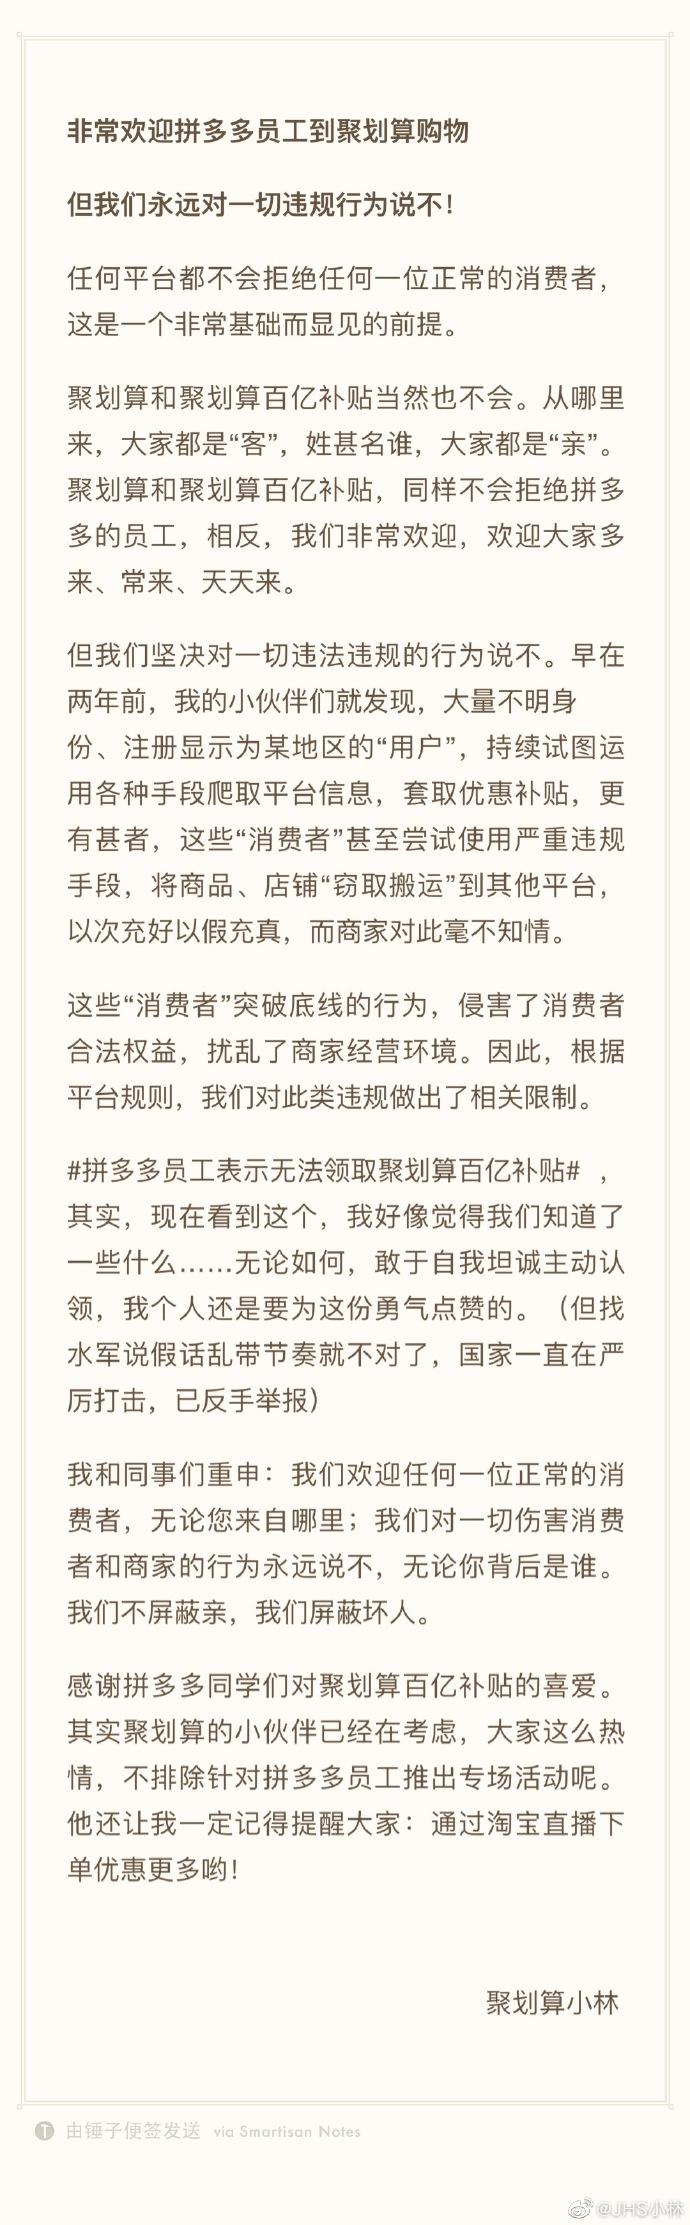 """聚划算回应""""封拼多多员工淘宝账号"""":对违规行为说不_零售_电商报"""